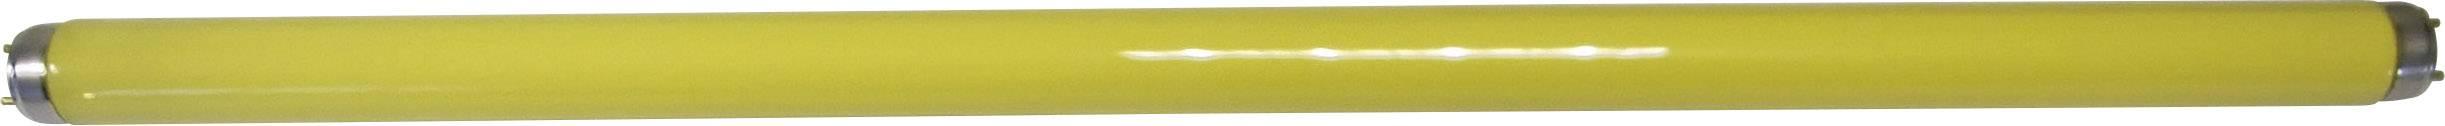 Žiarivka 18 W, 60 cm, 18 W, žltá, 1 ks